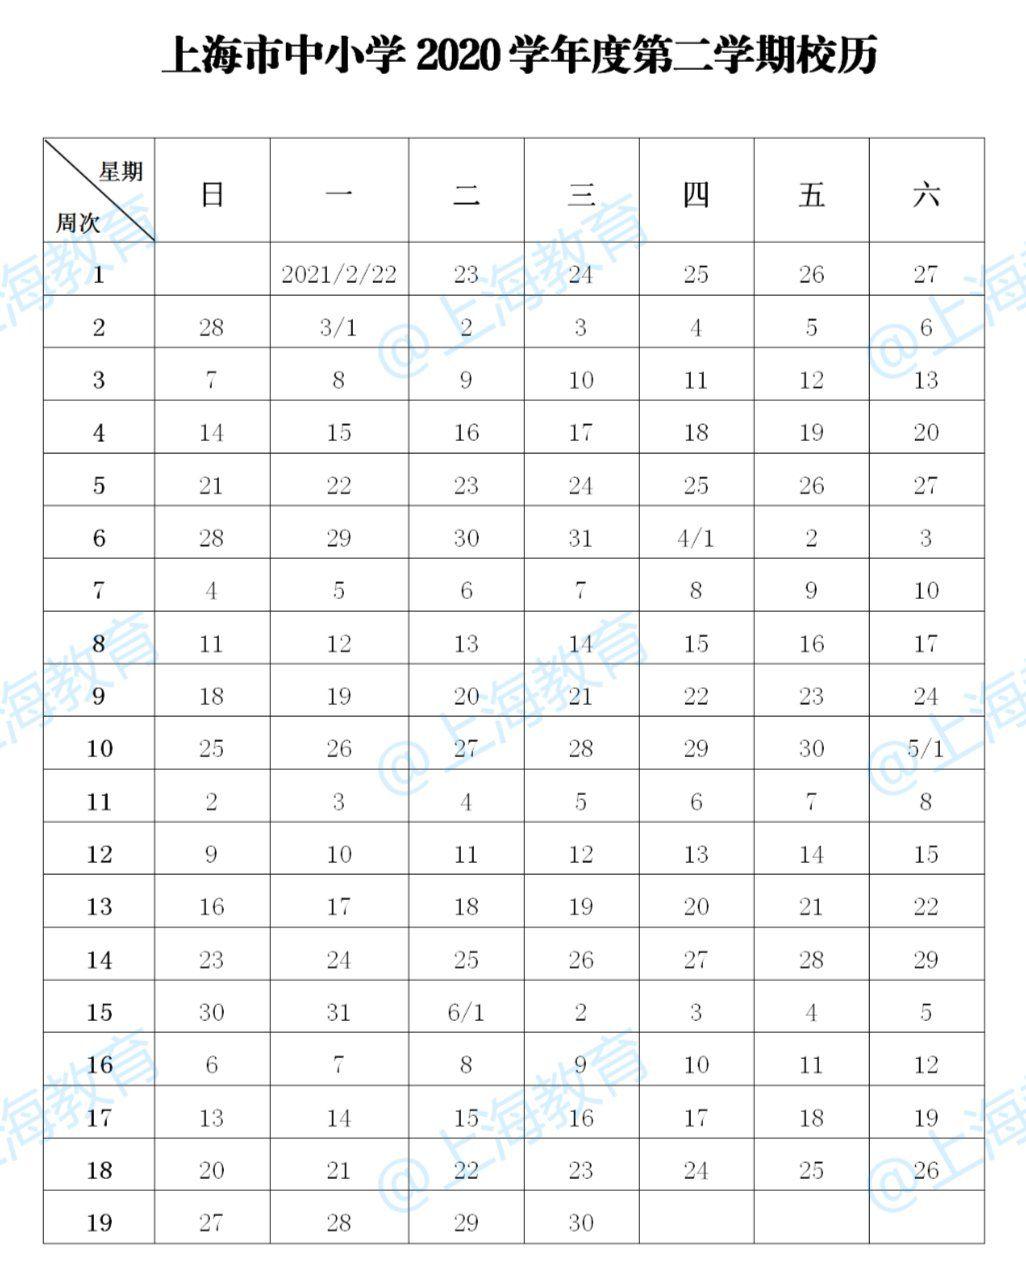 2021年上海中小学暑假放假时间